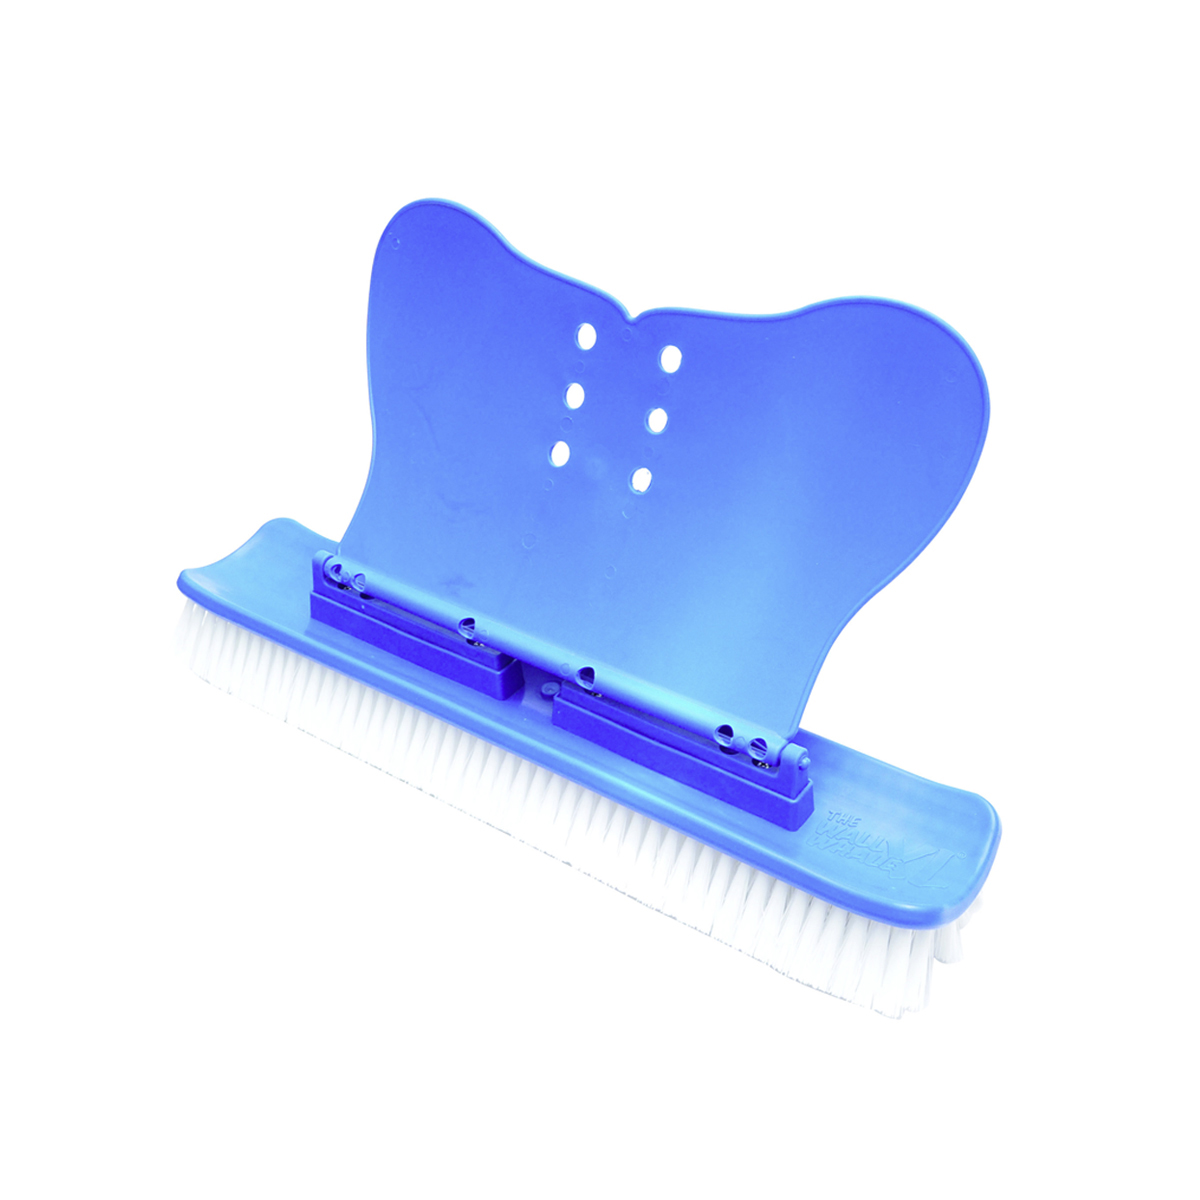 """Smart Wandbürste """"Wal Type"""" breit Wandbeckenbürste Smart PP blau 20"""" Smart Wandbürste """"Wal Type"""" breit Wandbeckenbürste Smart PP blau 20"""""""